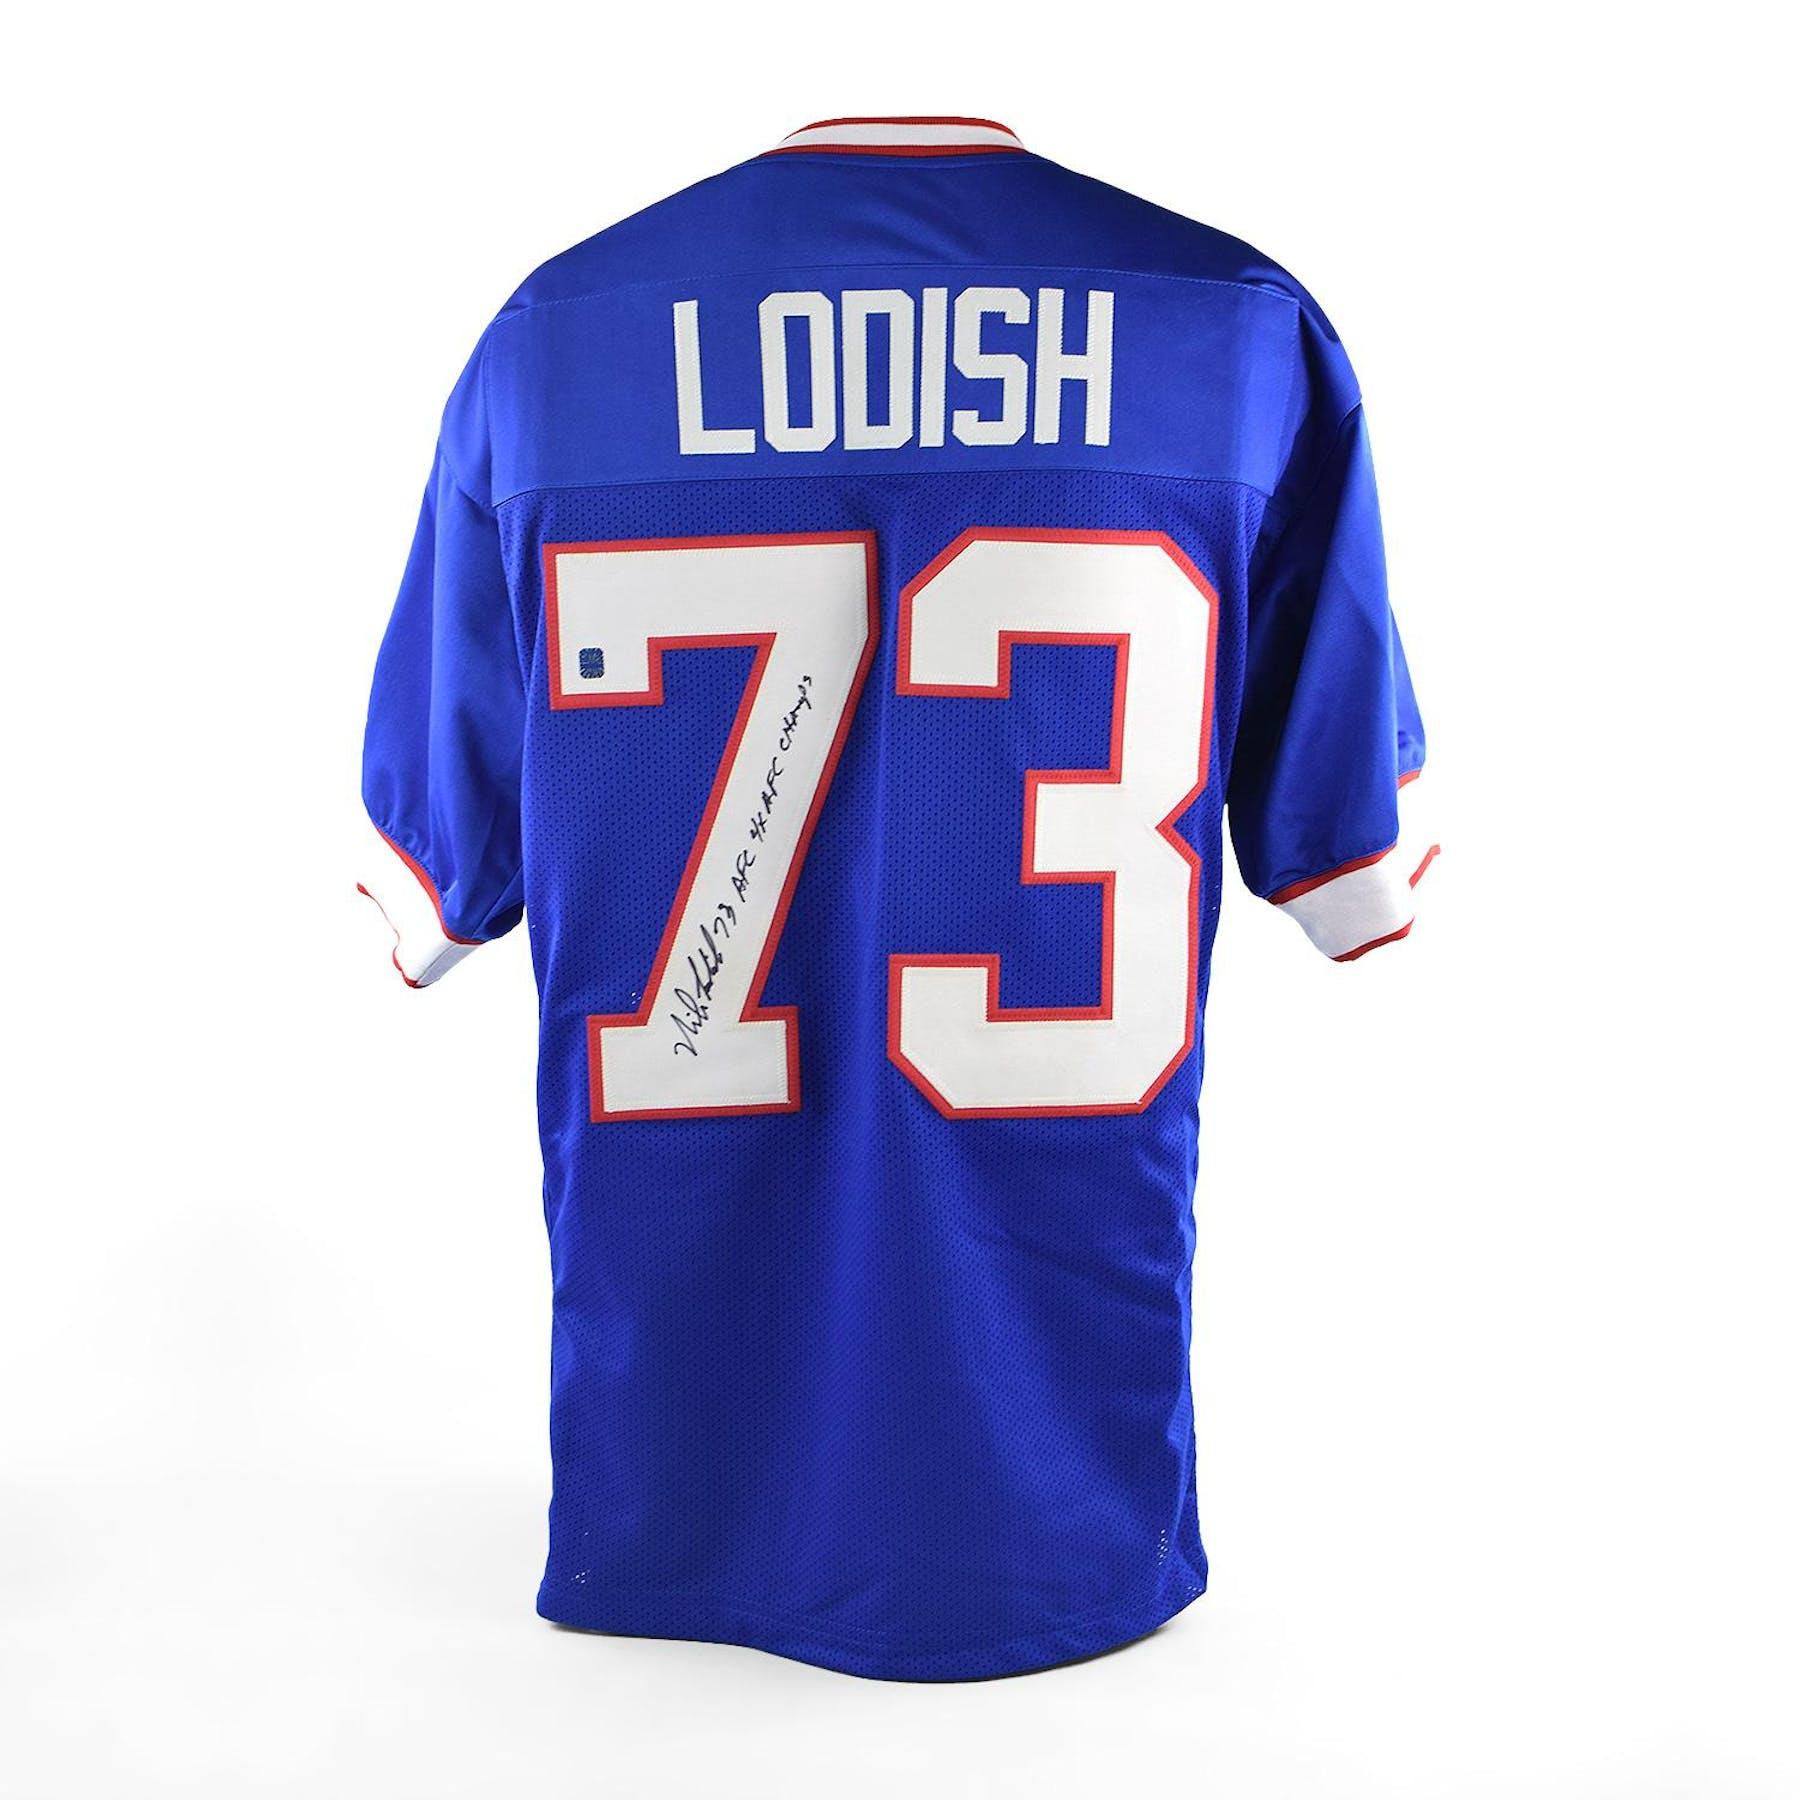 a512e232bda Mike Lodish Autographed Buffalo Bills Football Jersey | DA Card World